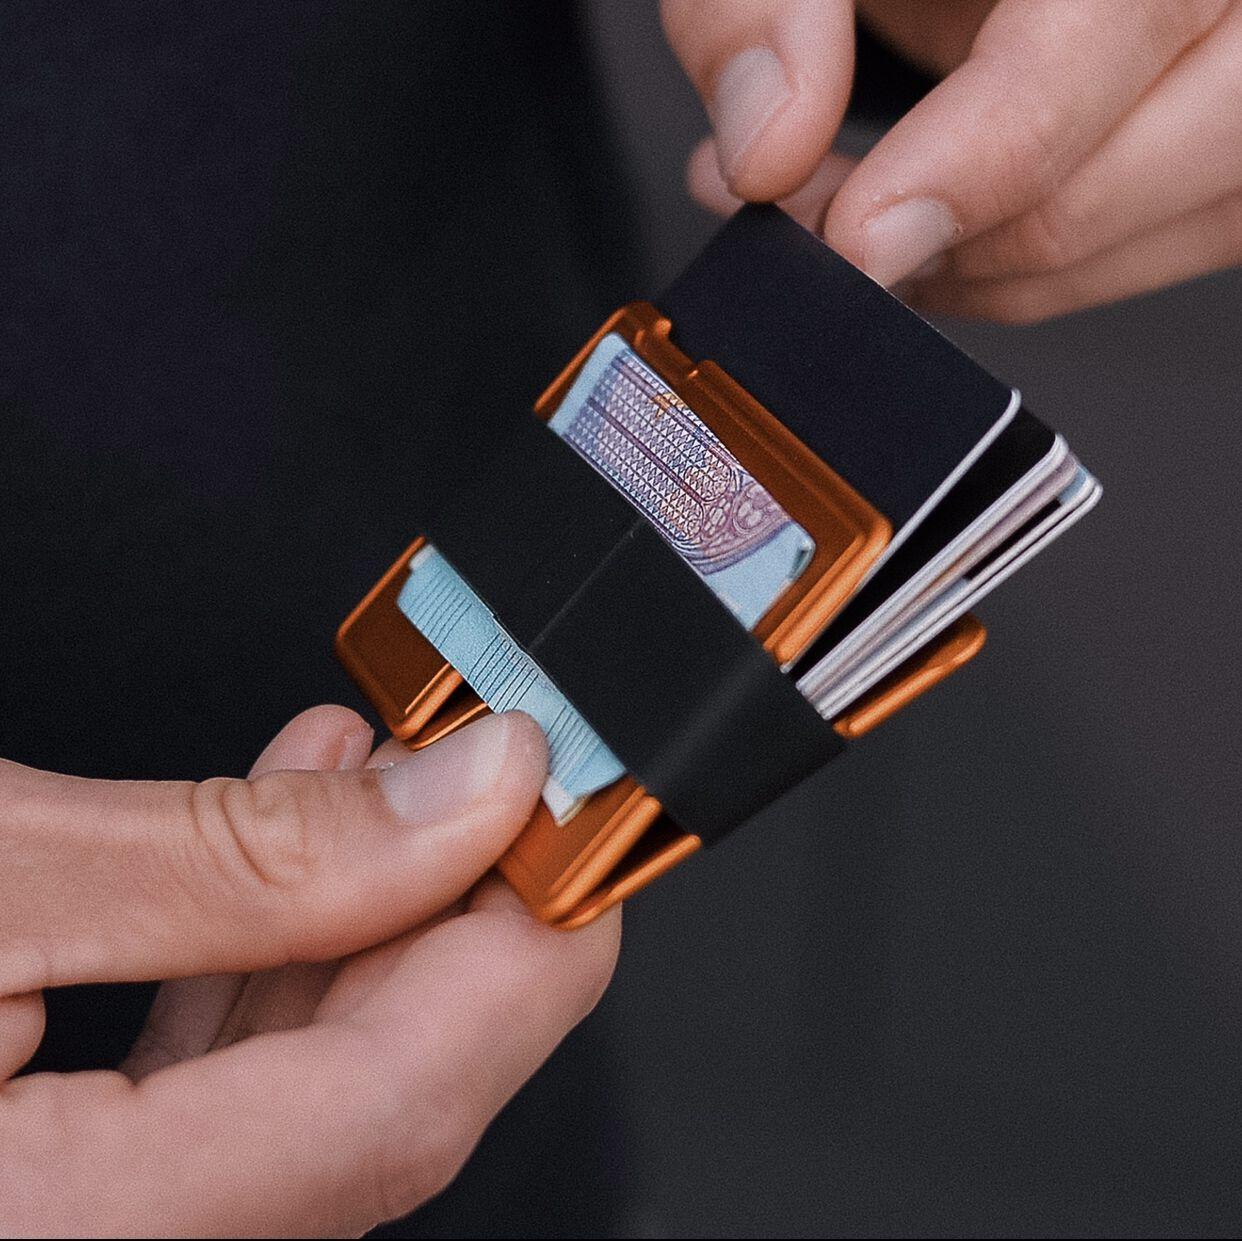 Minimalistische Geldborse Aus Osterreich Fairschenkt Online Shop Fur Nachhaltige Geschenke